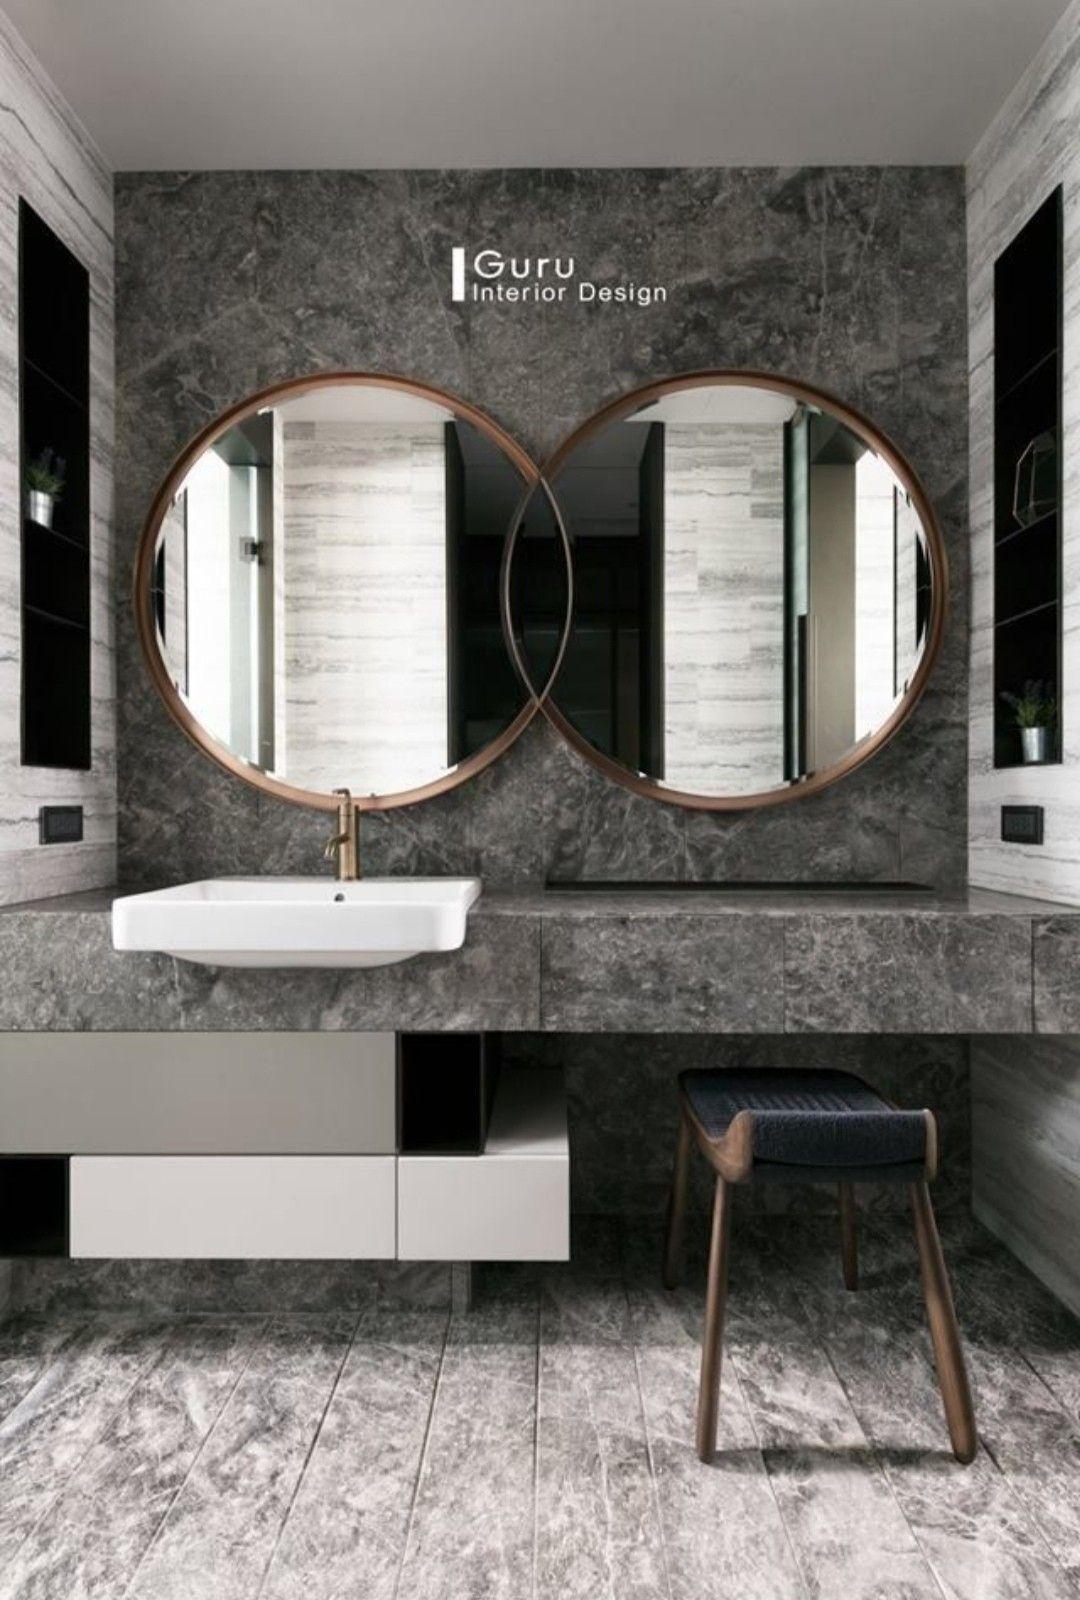 Luxurytoiletdesign also family house in bathroom inspo rh pinterest